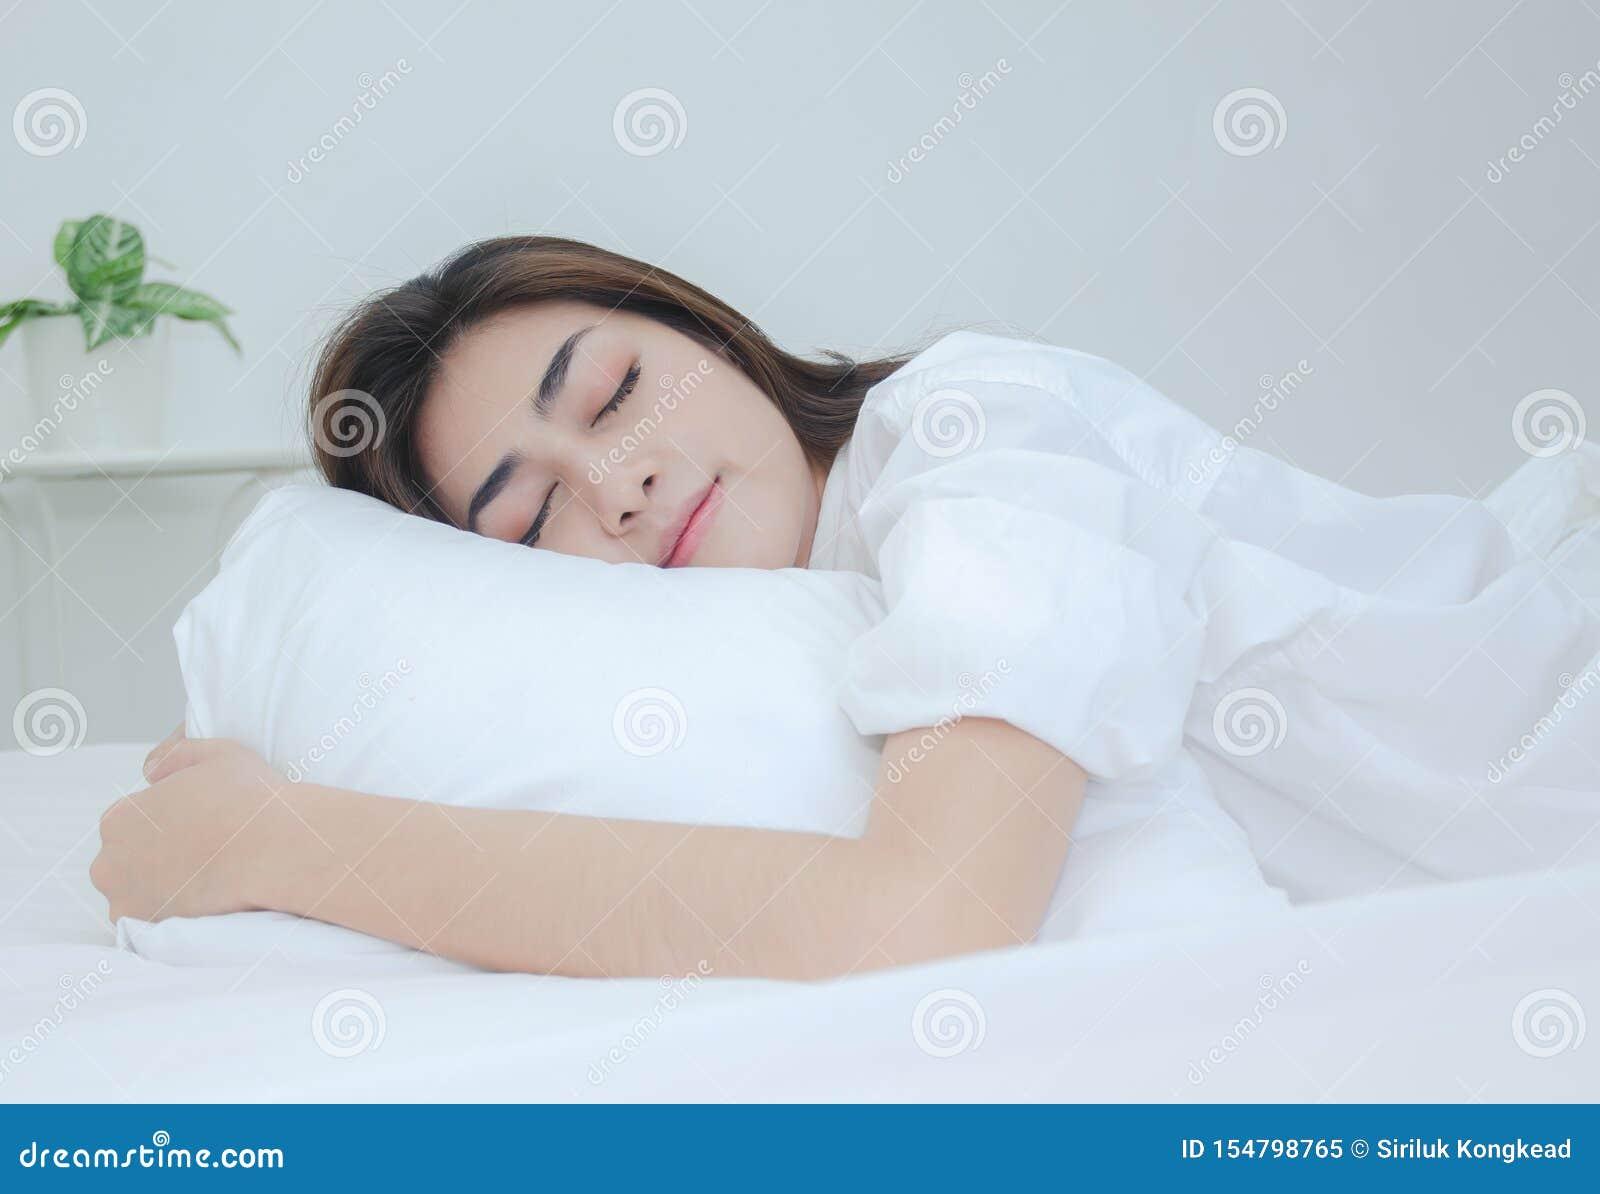 Le donne che portano i pigiami bianchi stanno riposando